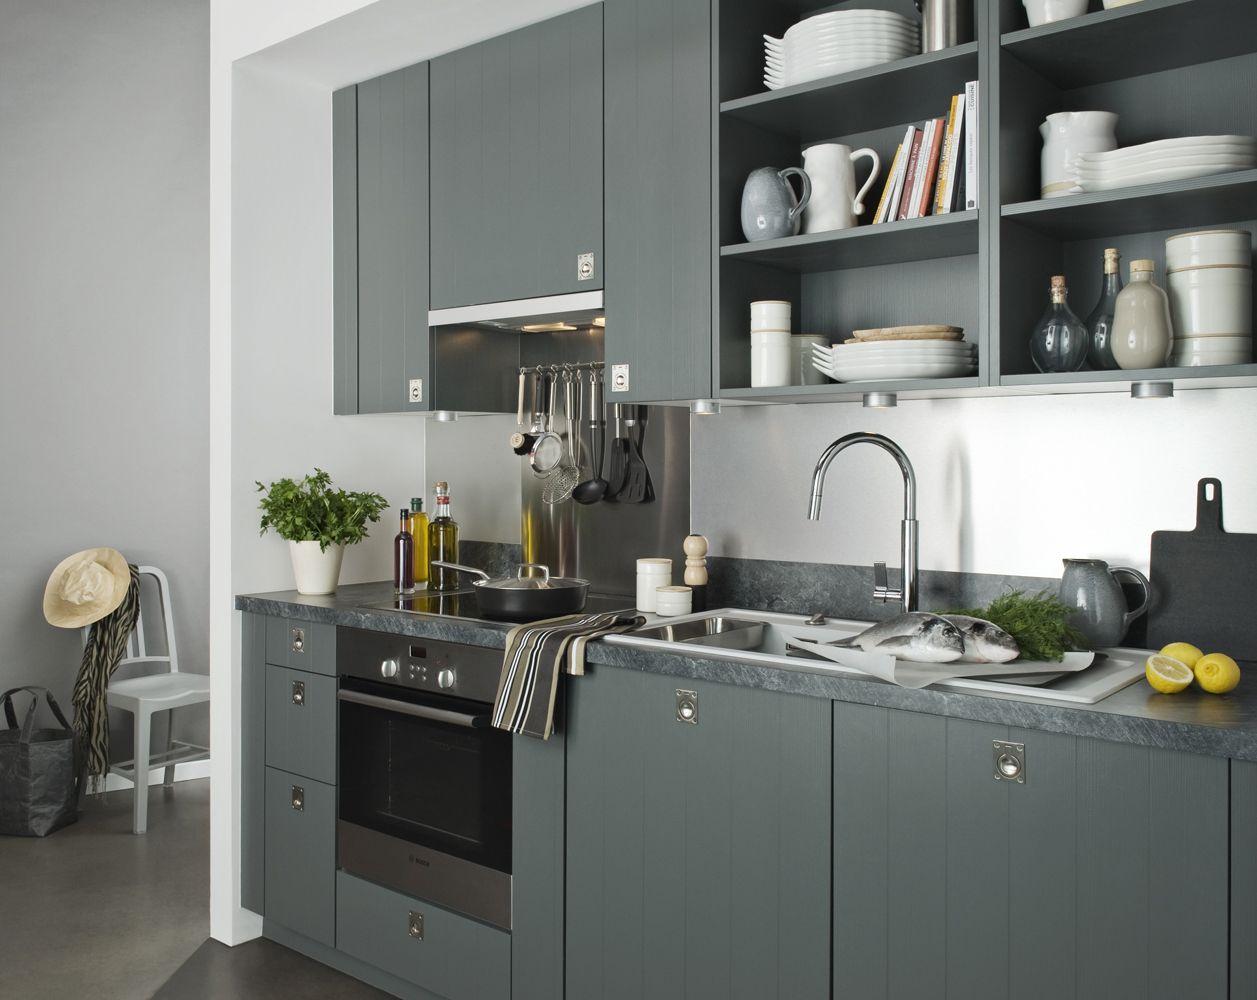 Darty Cuisine - Nos cuisines - Petite surface - Raffinée et ...